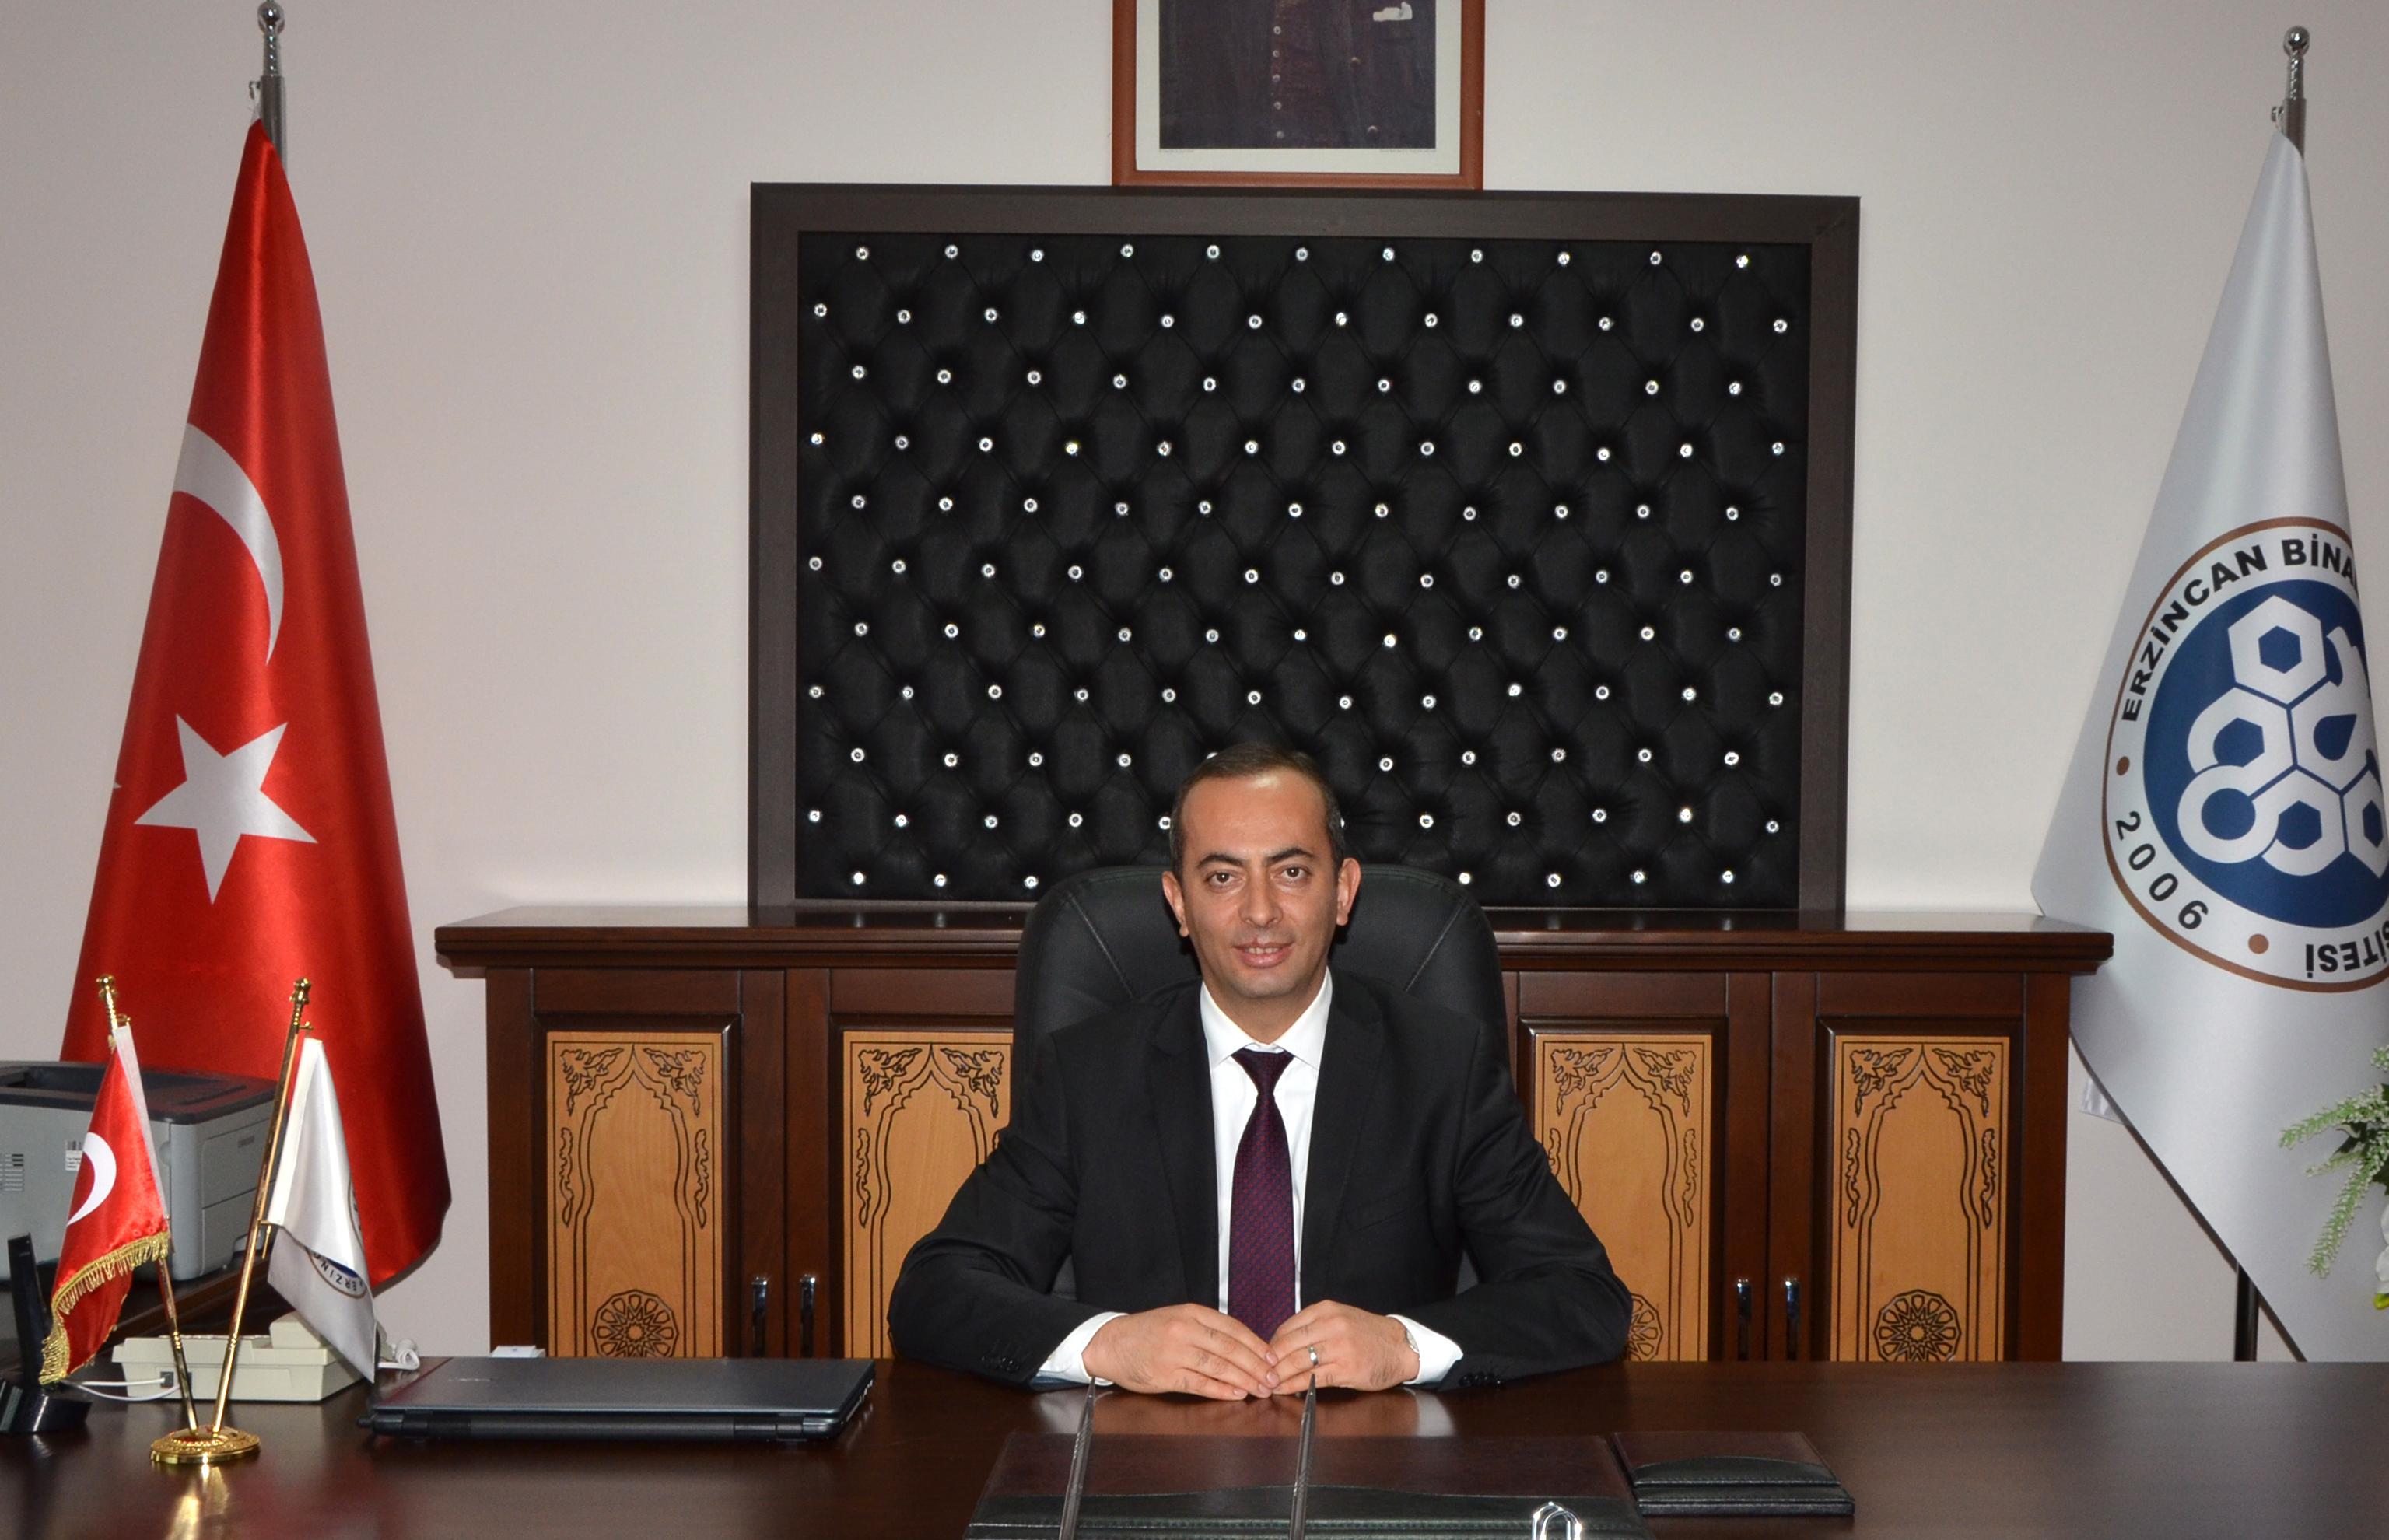 Dekanımız Prof. Dr. Abdulmecit KANTARCI göreve başladı.